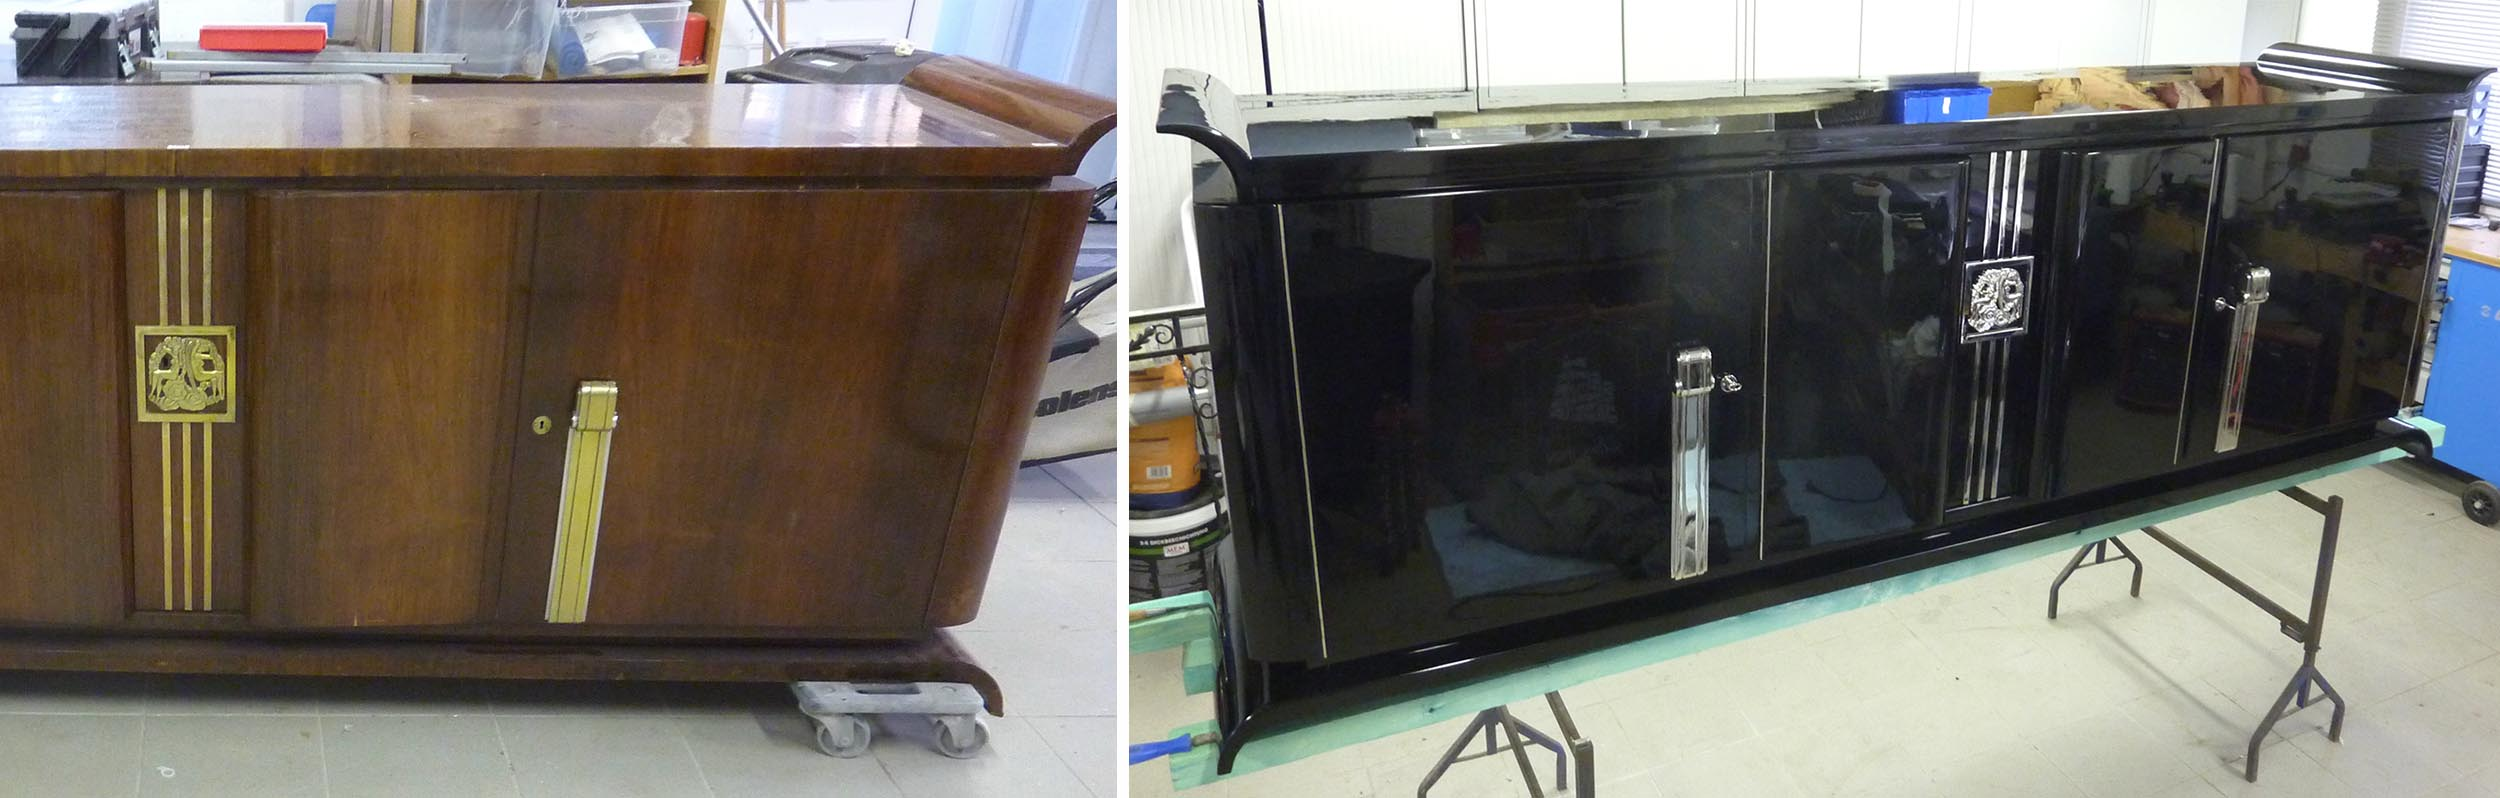 Affordable Awesome Art Deco Sideboard Nussbaum Und Restauriert Schwarz  Hochglanz Poliert With Sideboard Nussbaum Schwarz With Nussbaum Schwarz